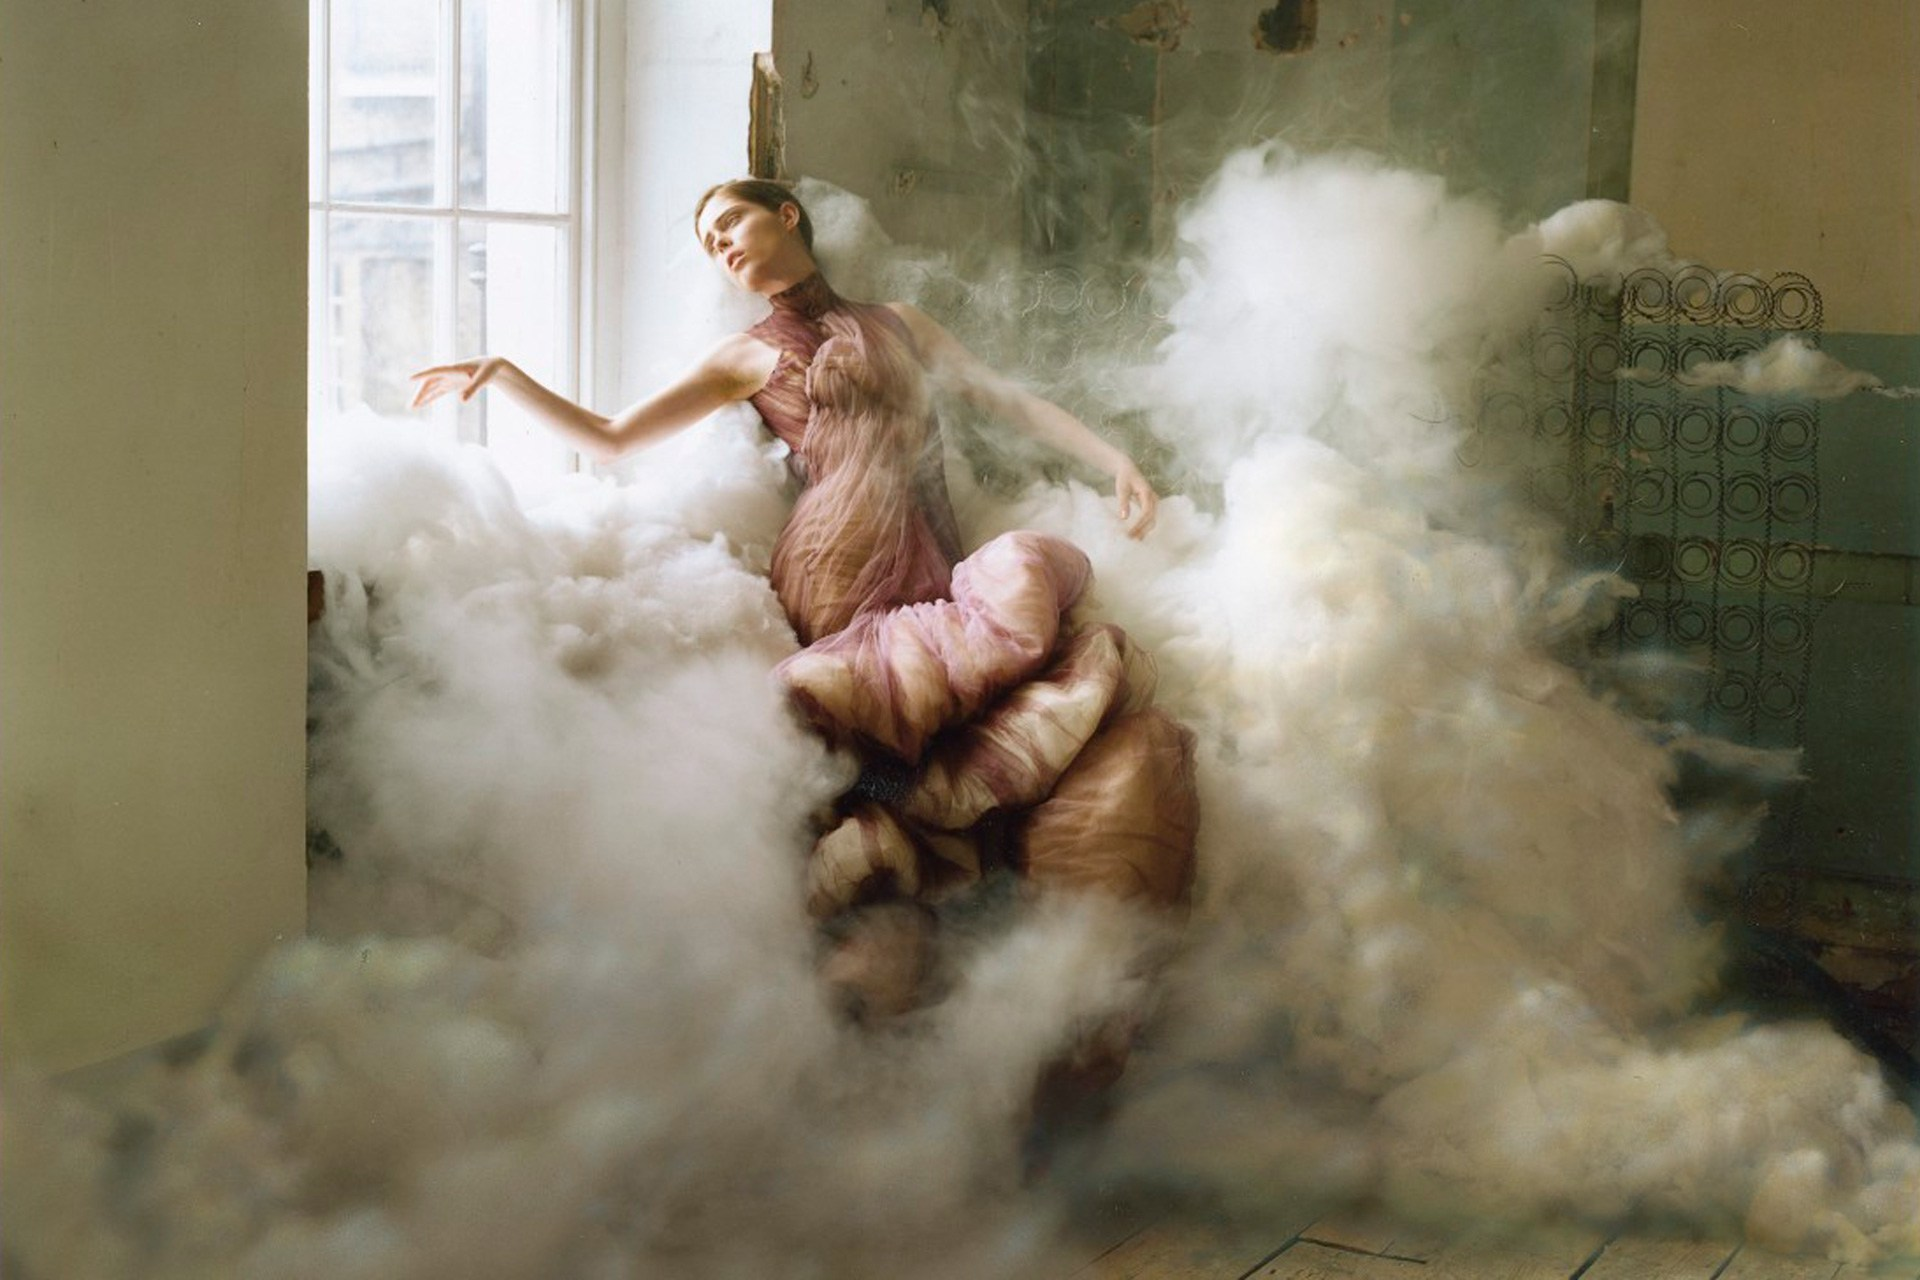 Tim Walker for Vogue UK February 2007